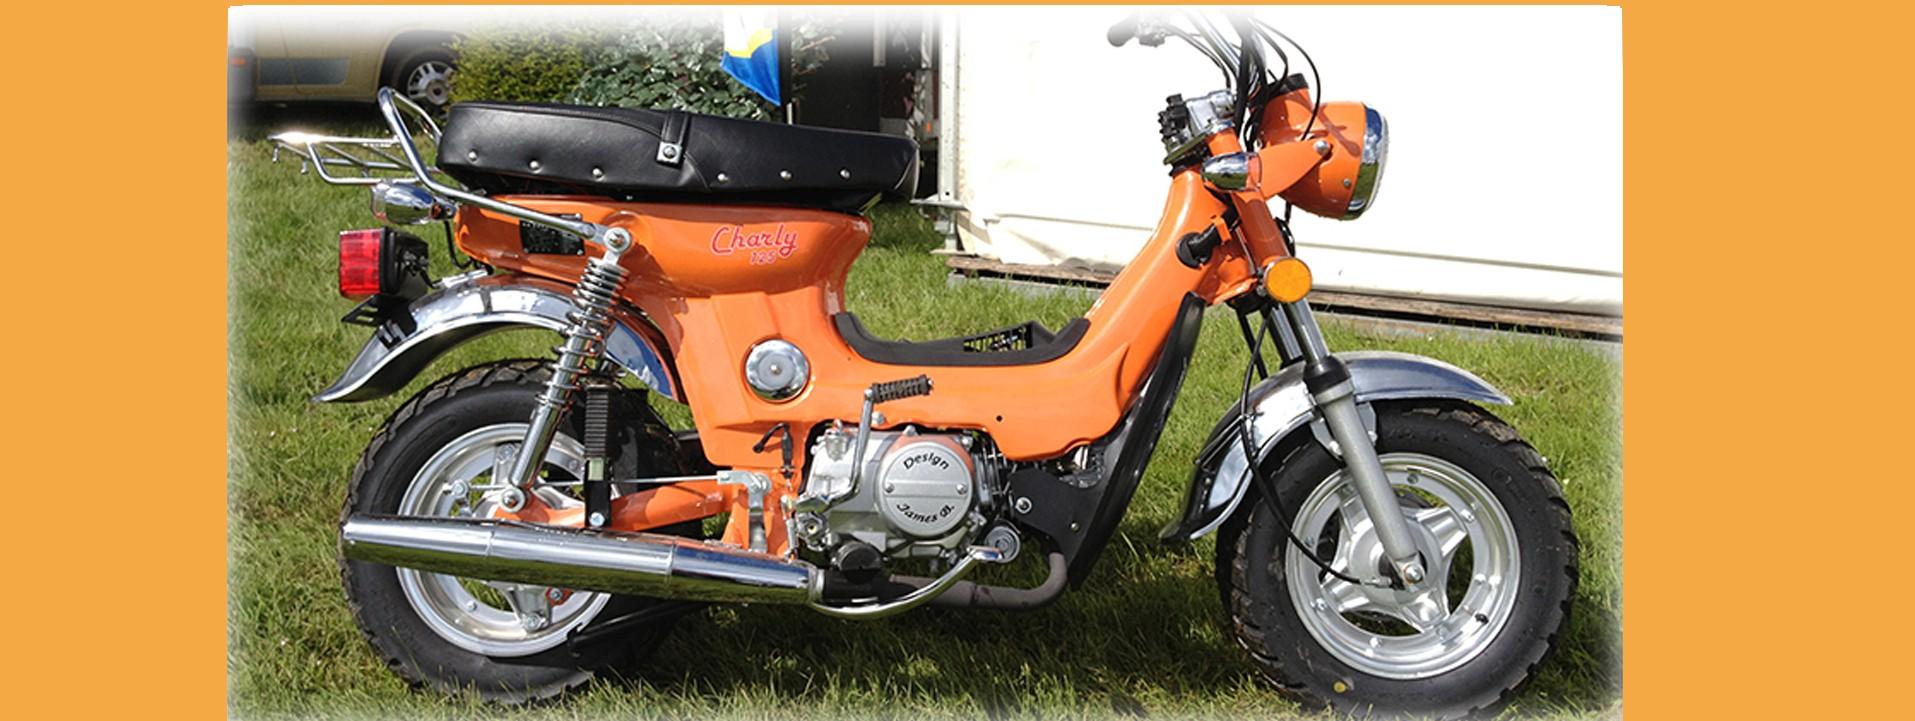 Charly orange sécurité